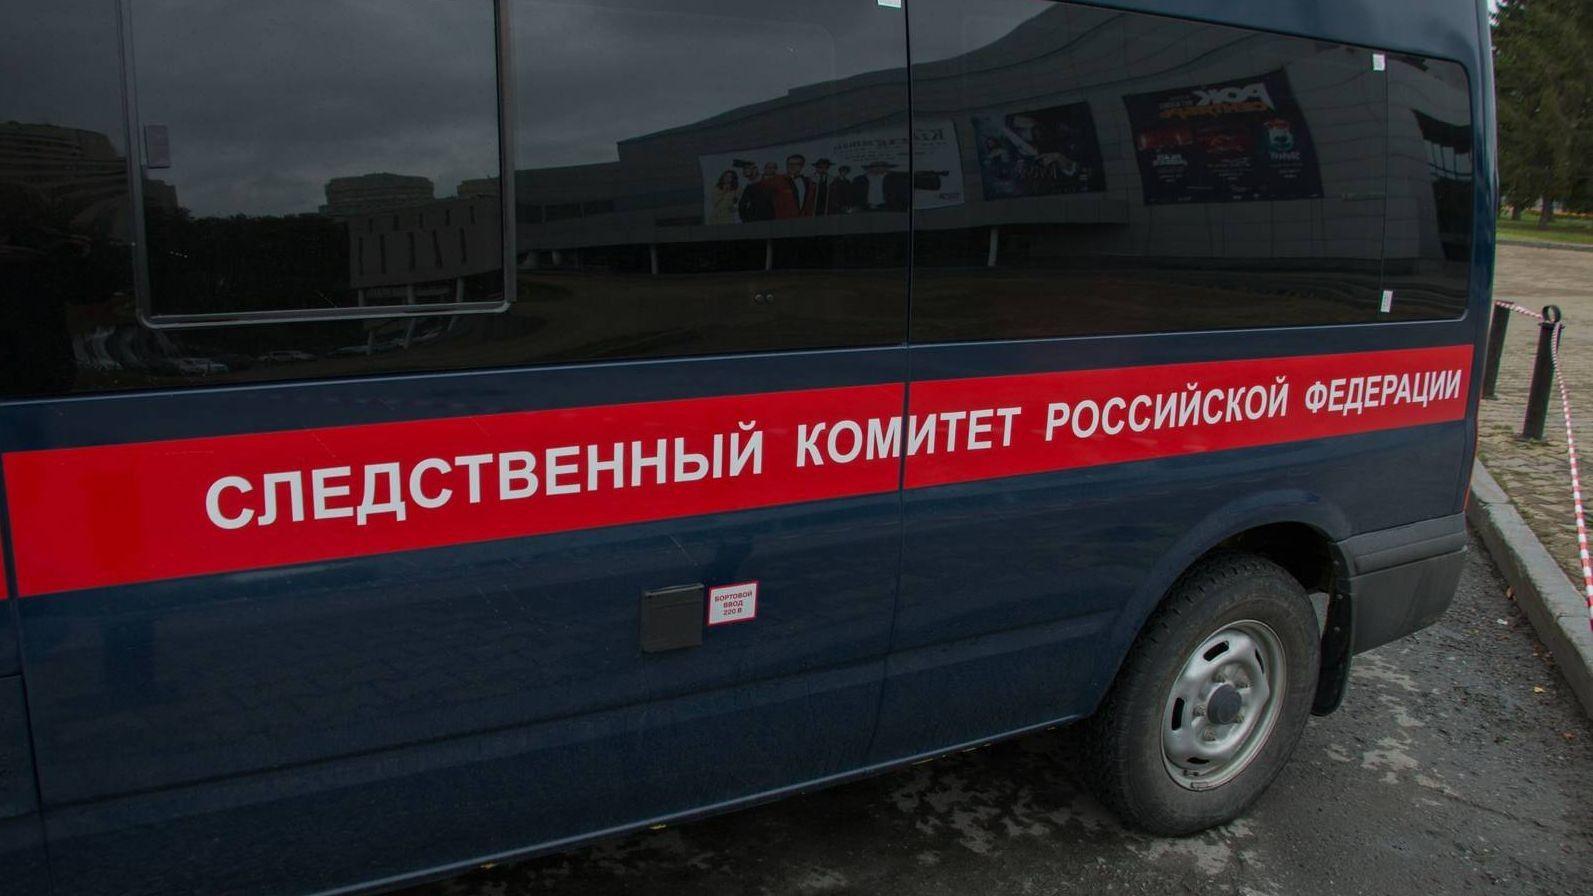 Саратовец обвинил следователей визбиении из-за плохой песни вкараоке